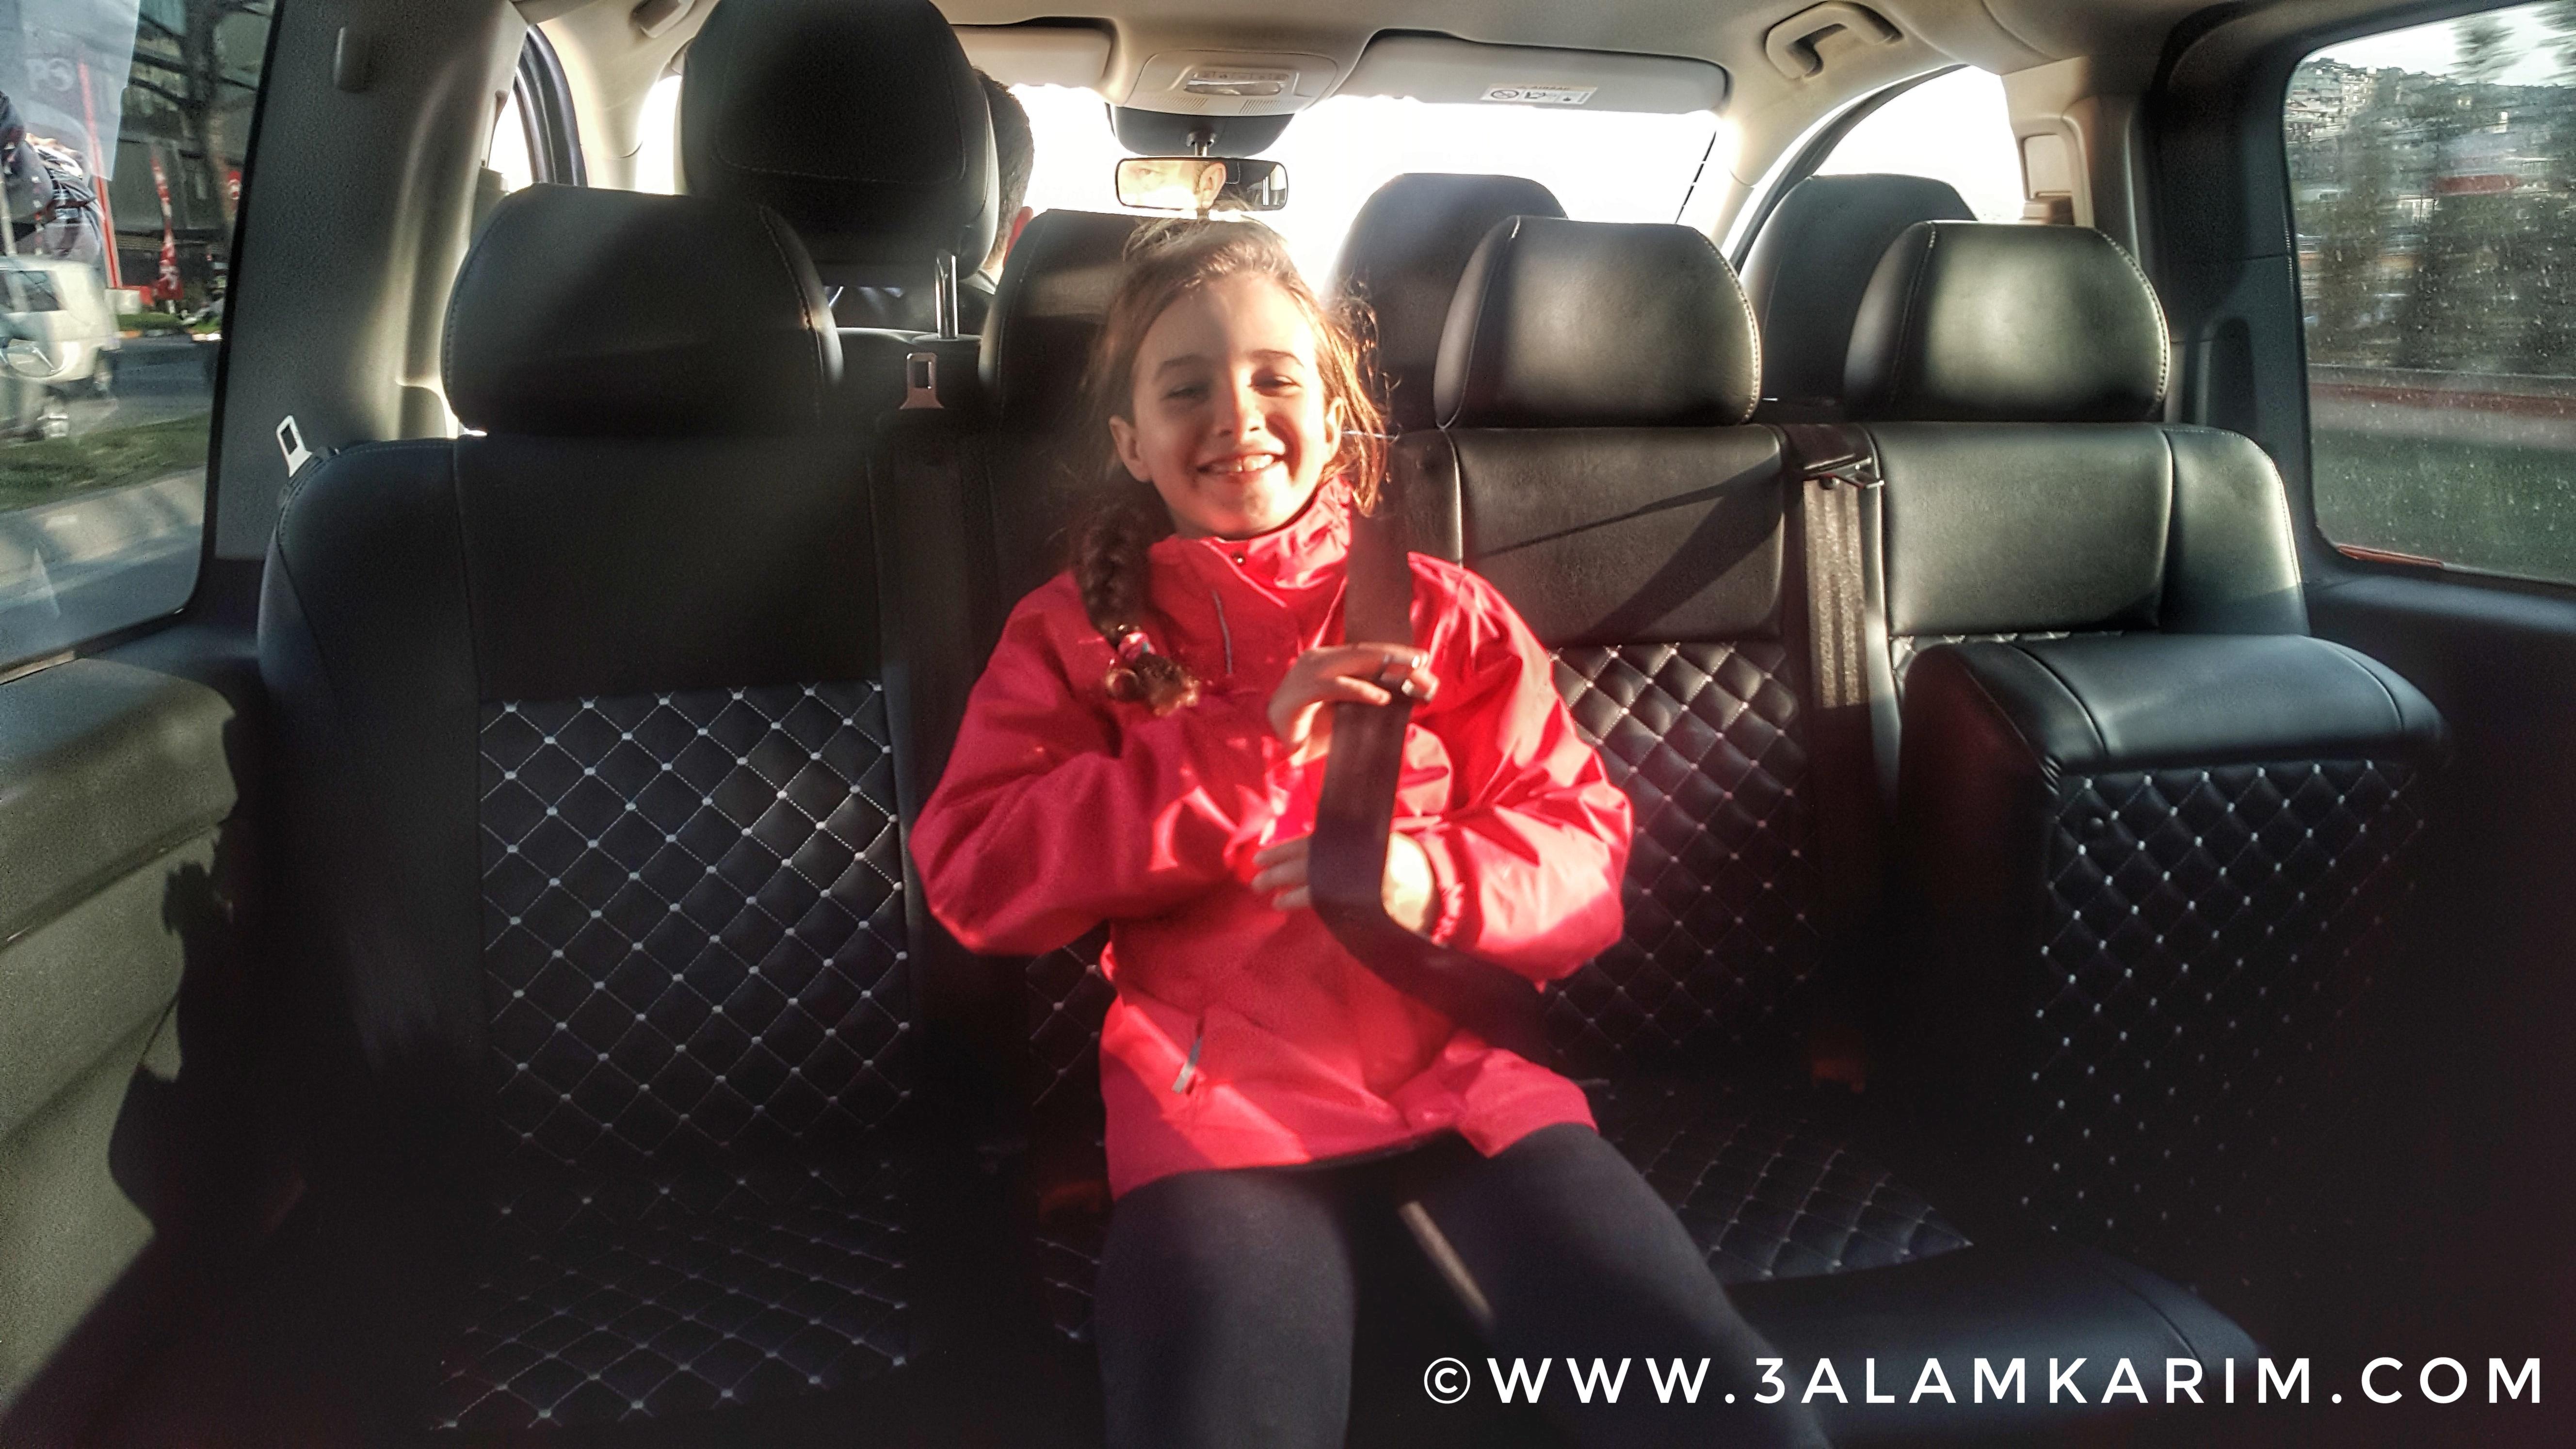 لينه مسرورة جدا من مقاعد سيارة UberXL